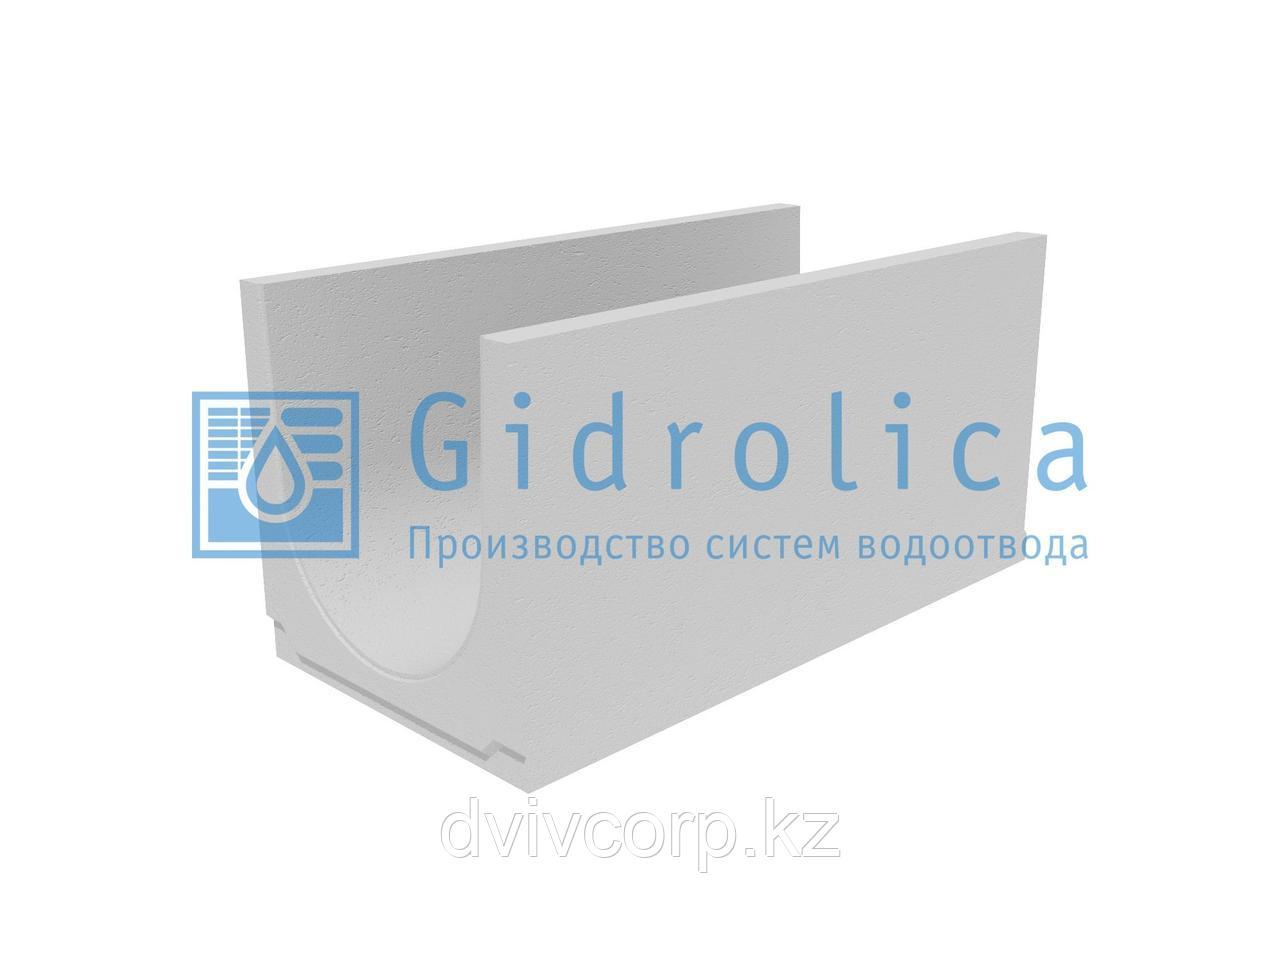 Лоток водоотводный бетонный коробчатый (СО-400мм) КU 100.49,4(40).49,5(42,5) - BGU, № 20-0